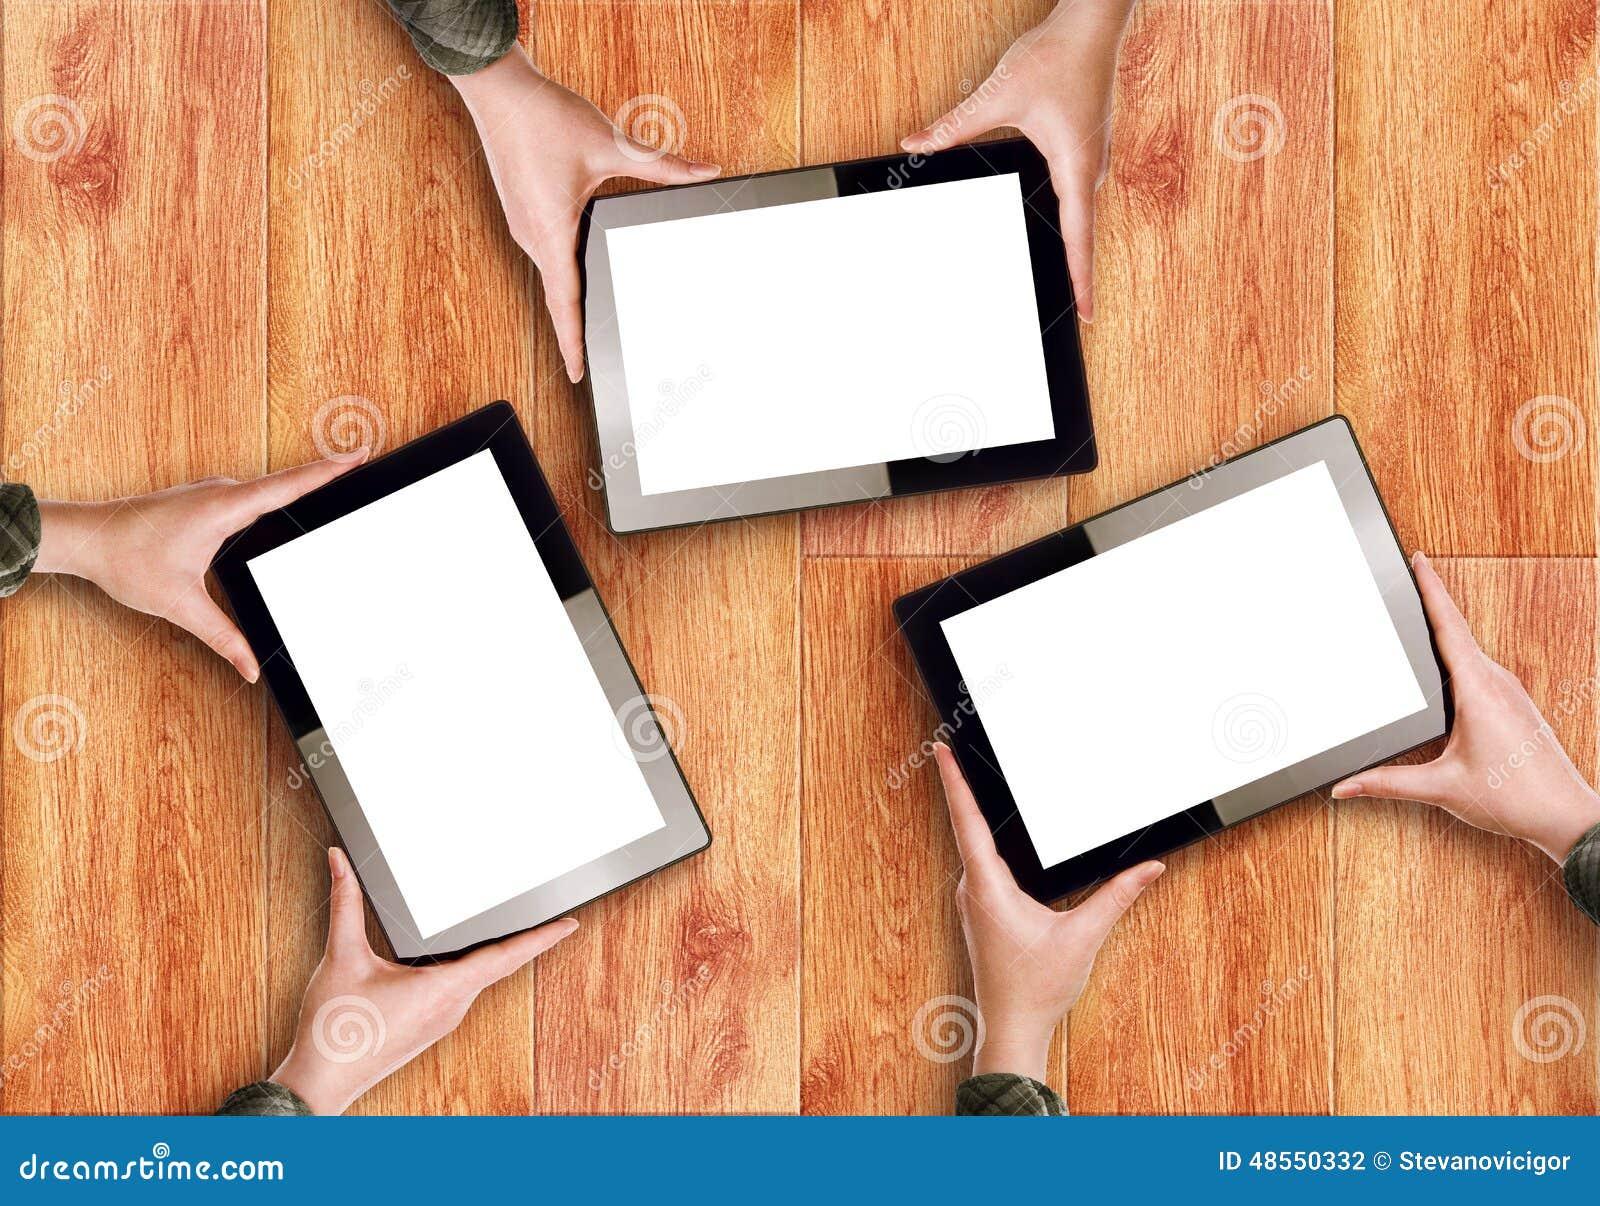 Händer som rymmer tre Digital minnestavladatorer